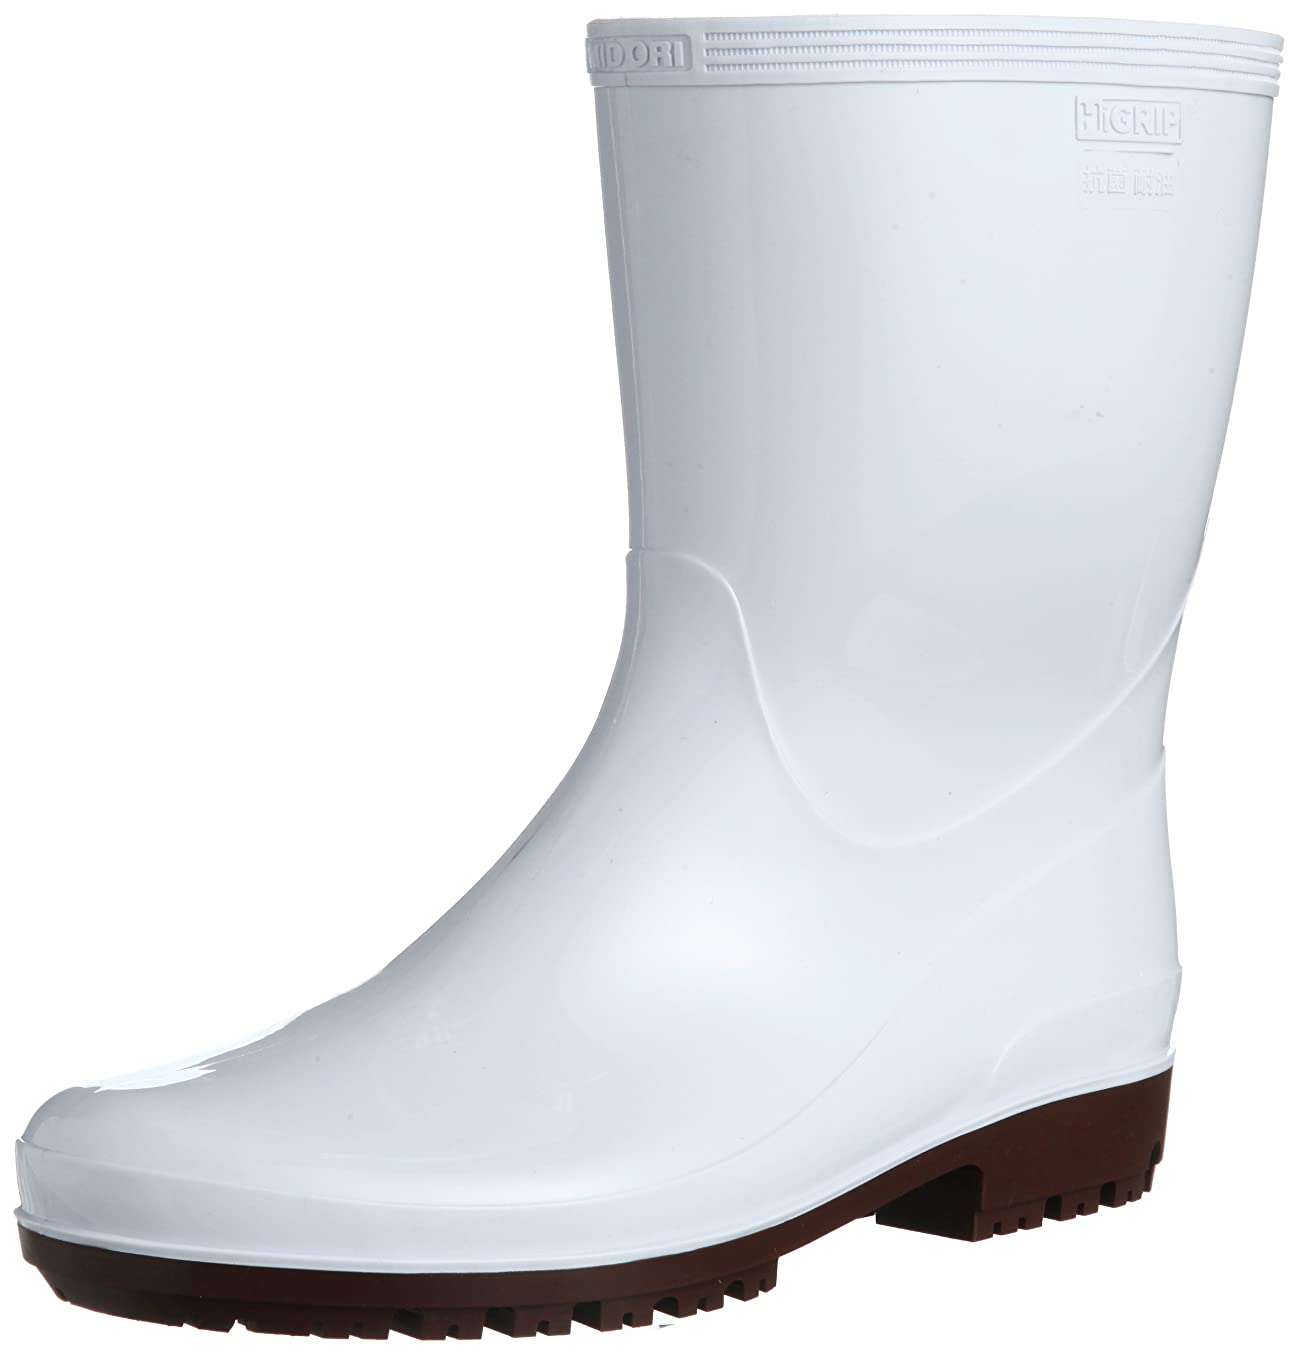 [ミドリ安全] 作業長靴 耐滑 耐油 耐薬 ハイグリップ HG2100 N スーパー メンズ